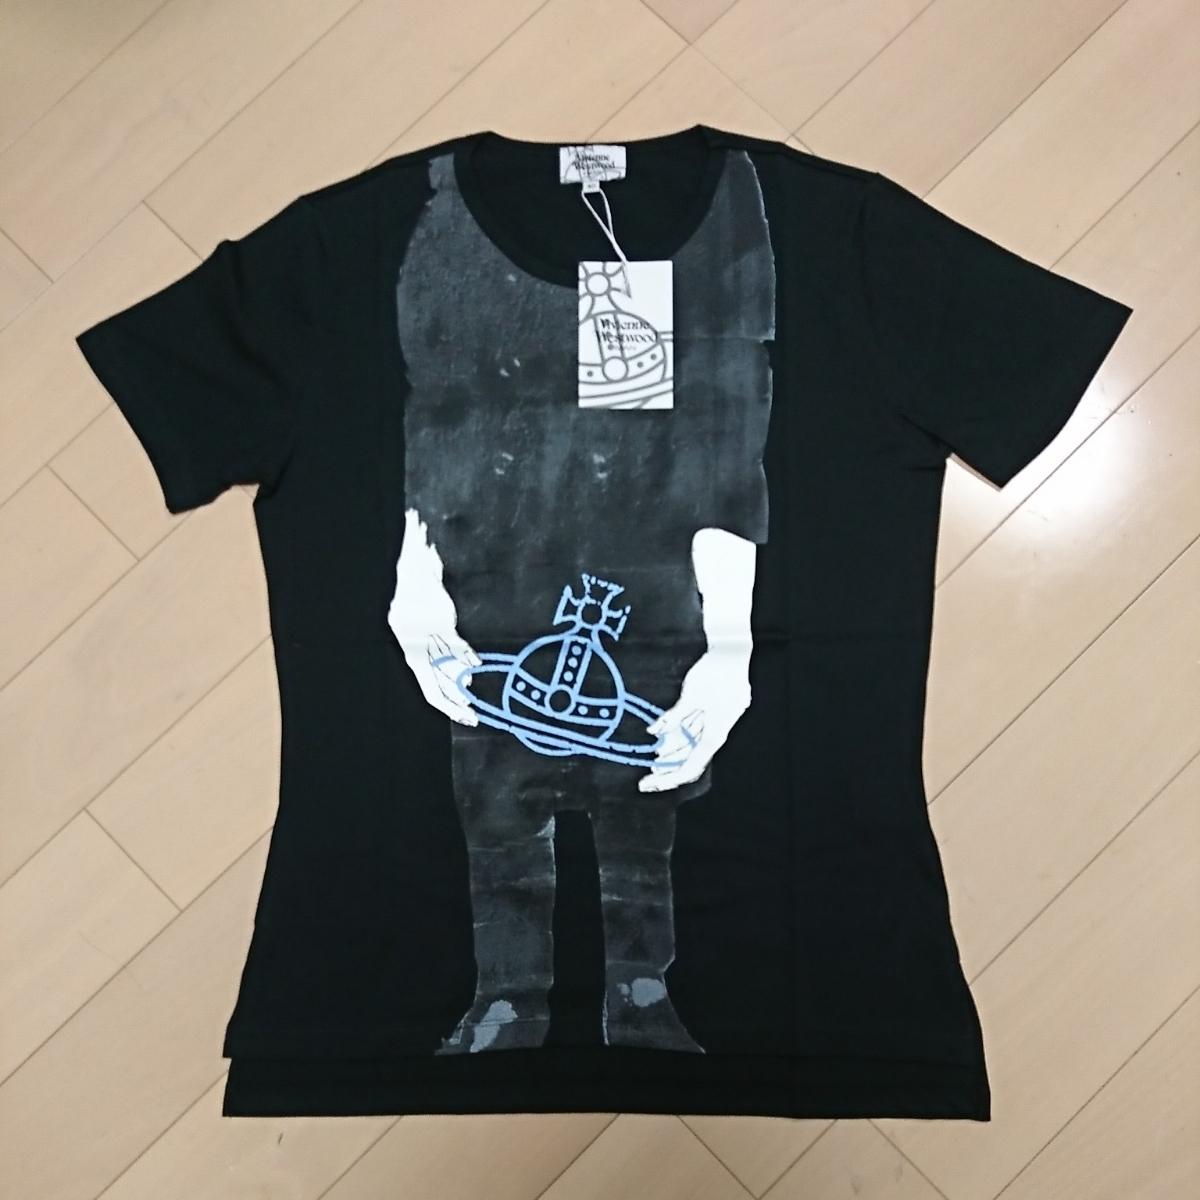 ヴィヴィアン・ウエストウッド メンズ Tシャツ46 新品 未使用